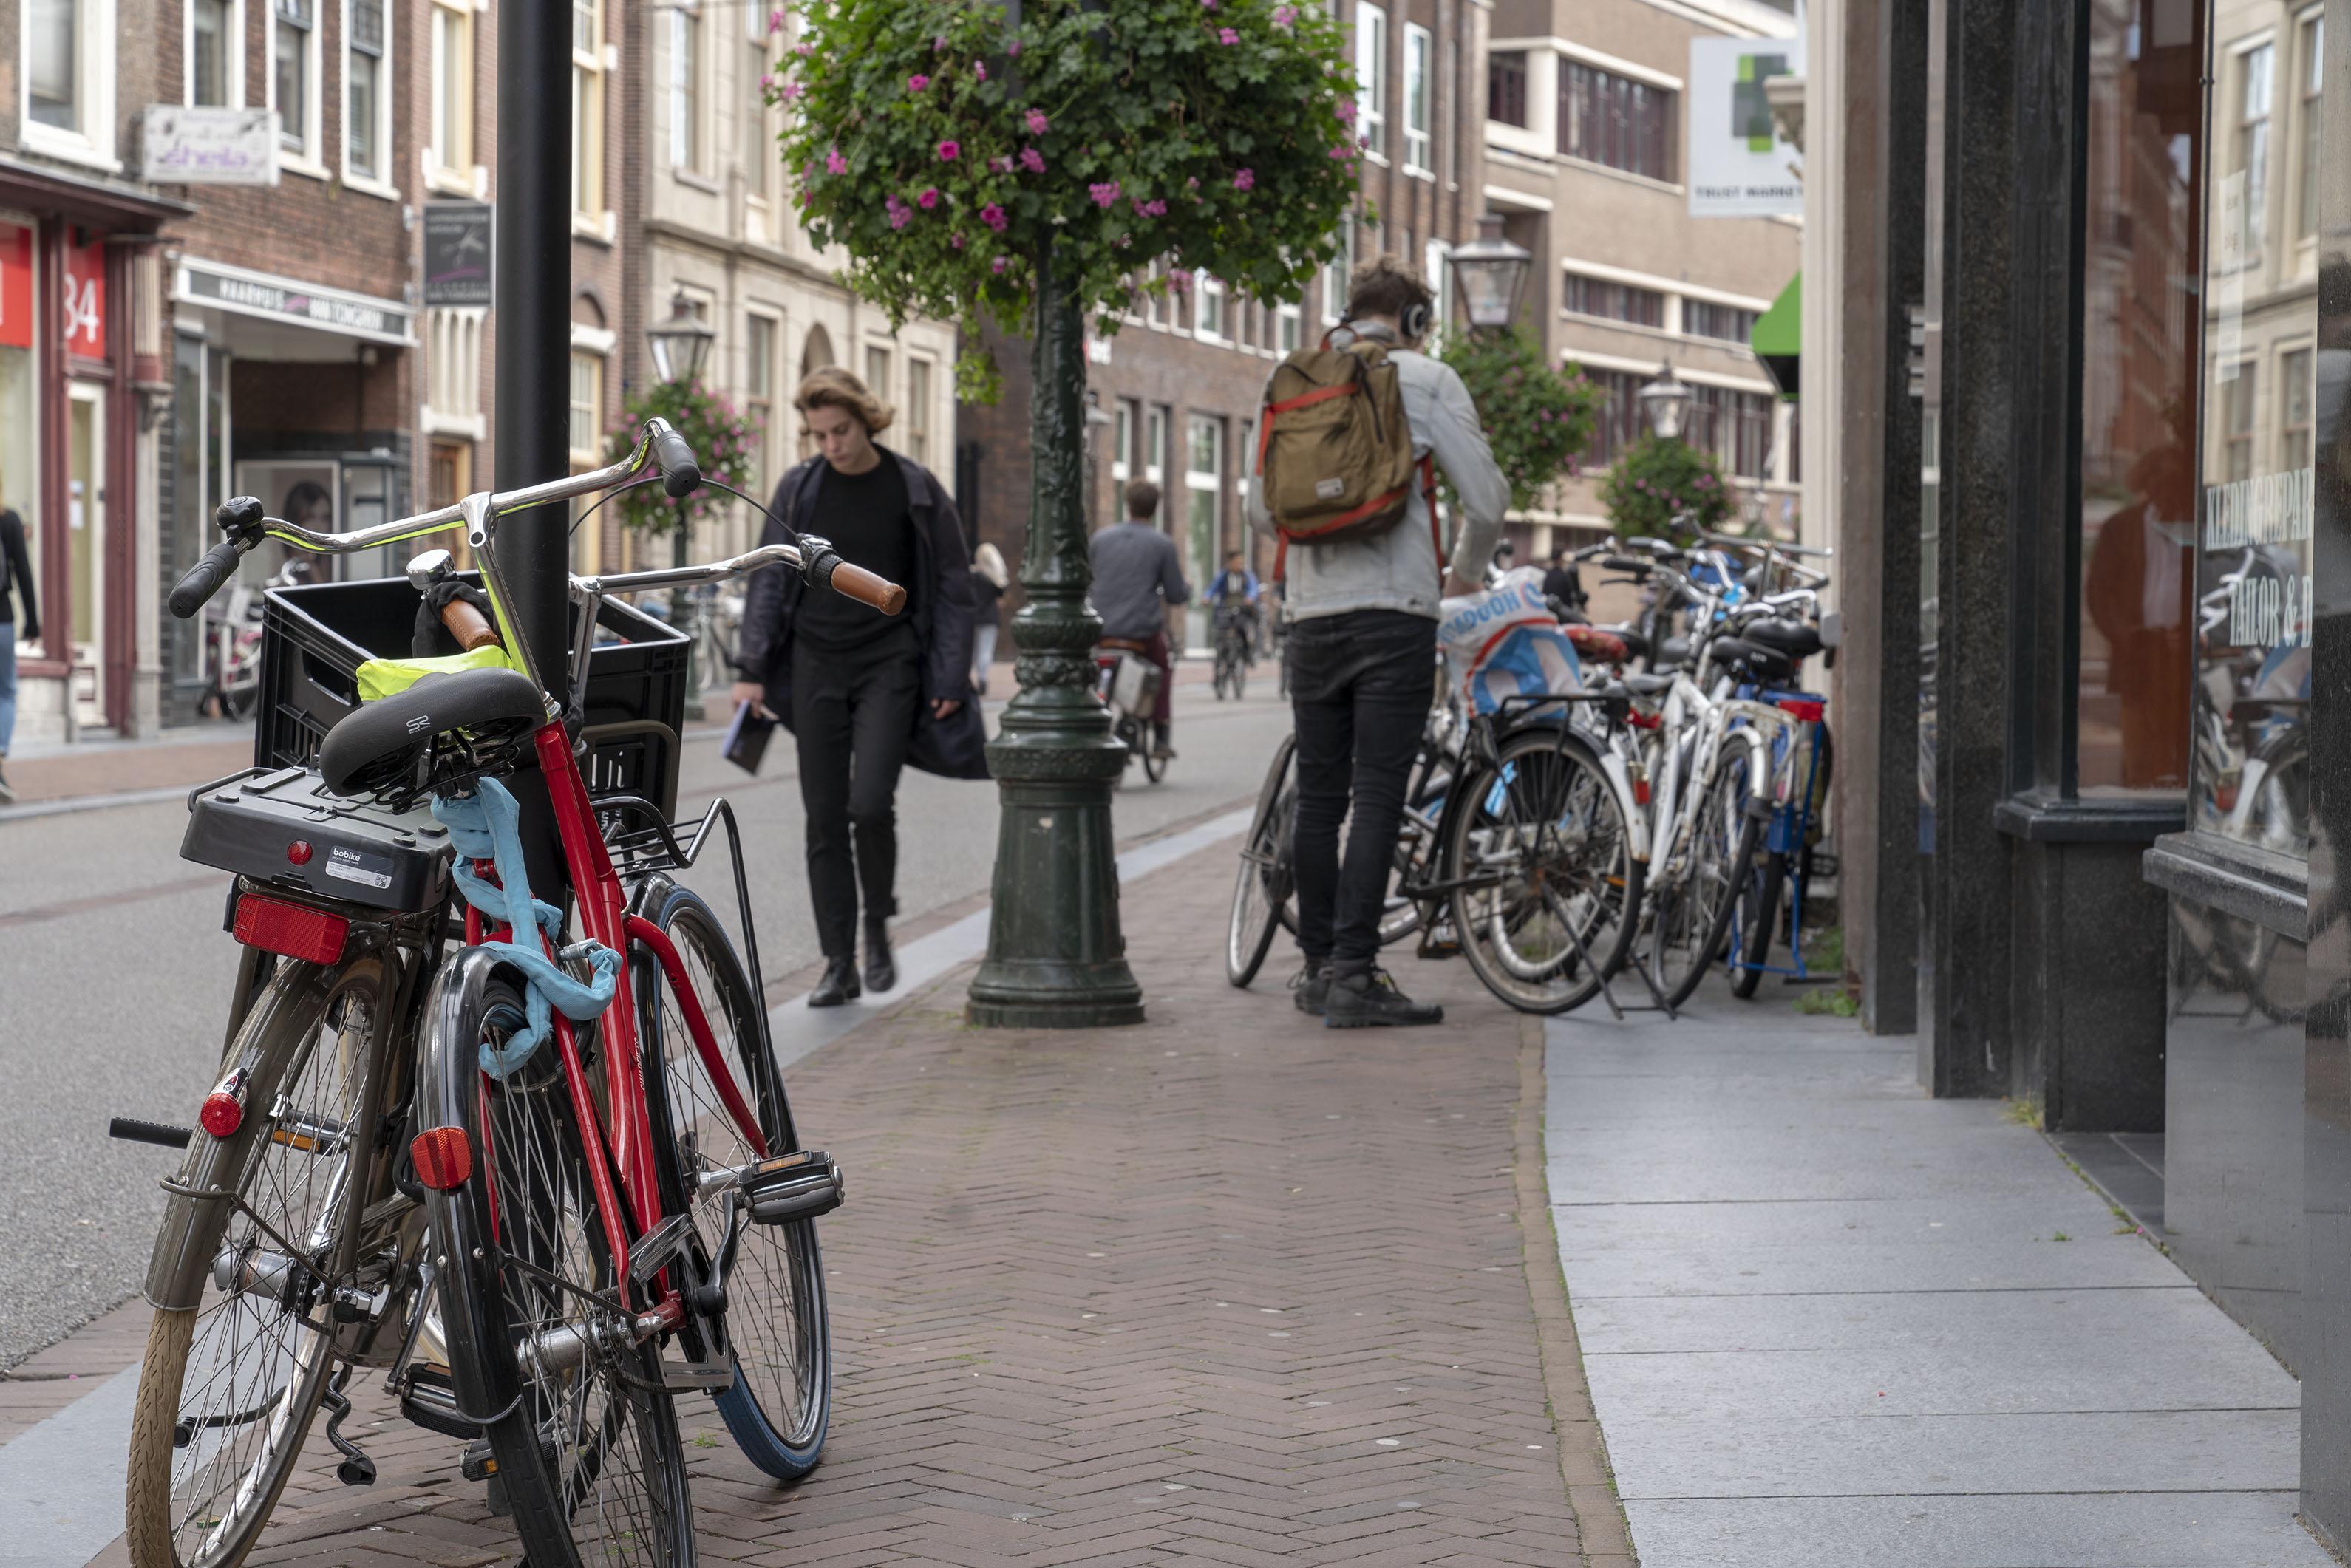 Studentenorganisatie PKvV neemt het op voor illegale huurders: 'Leidse studenten horen in binnenstad'